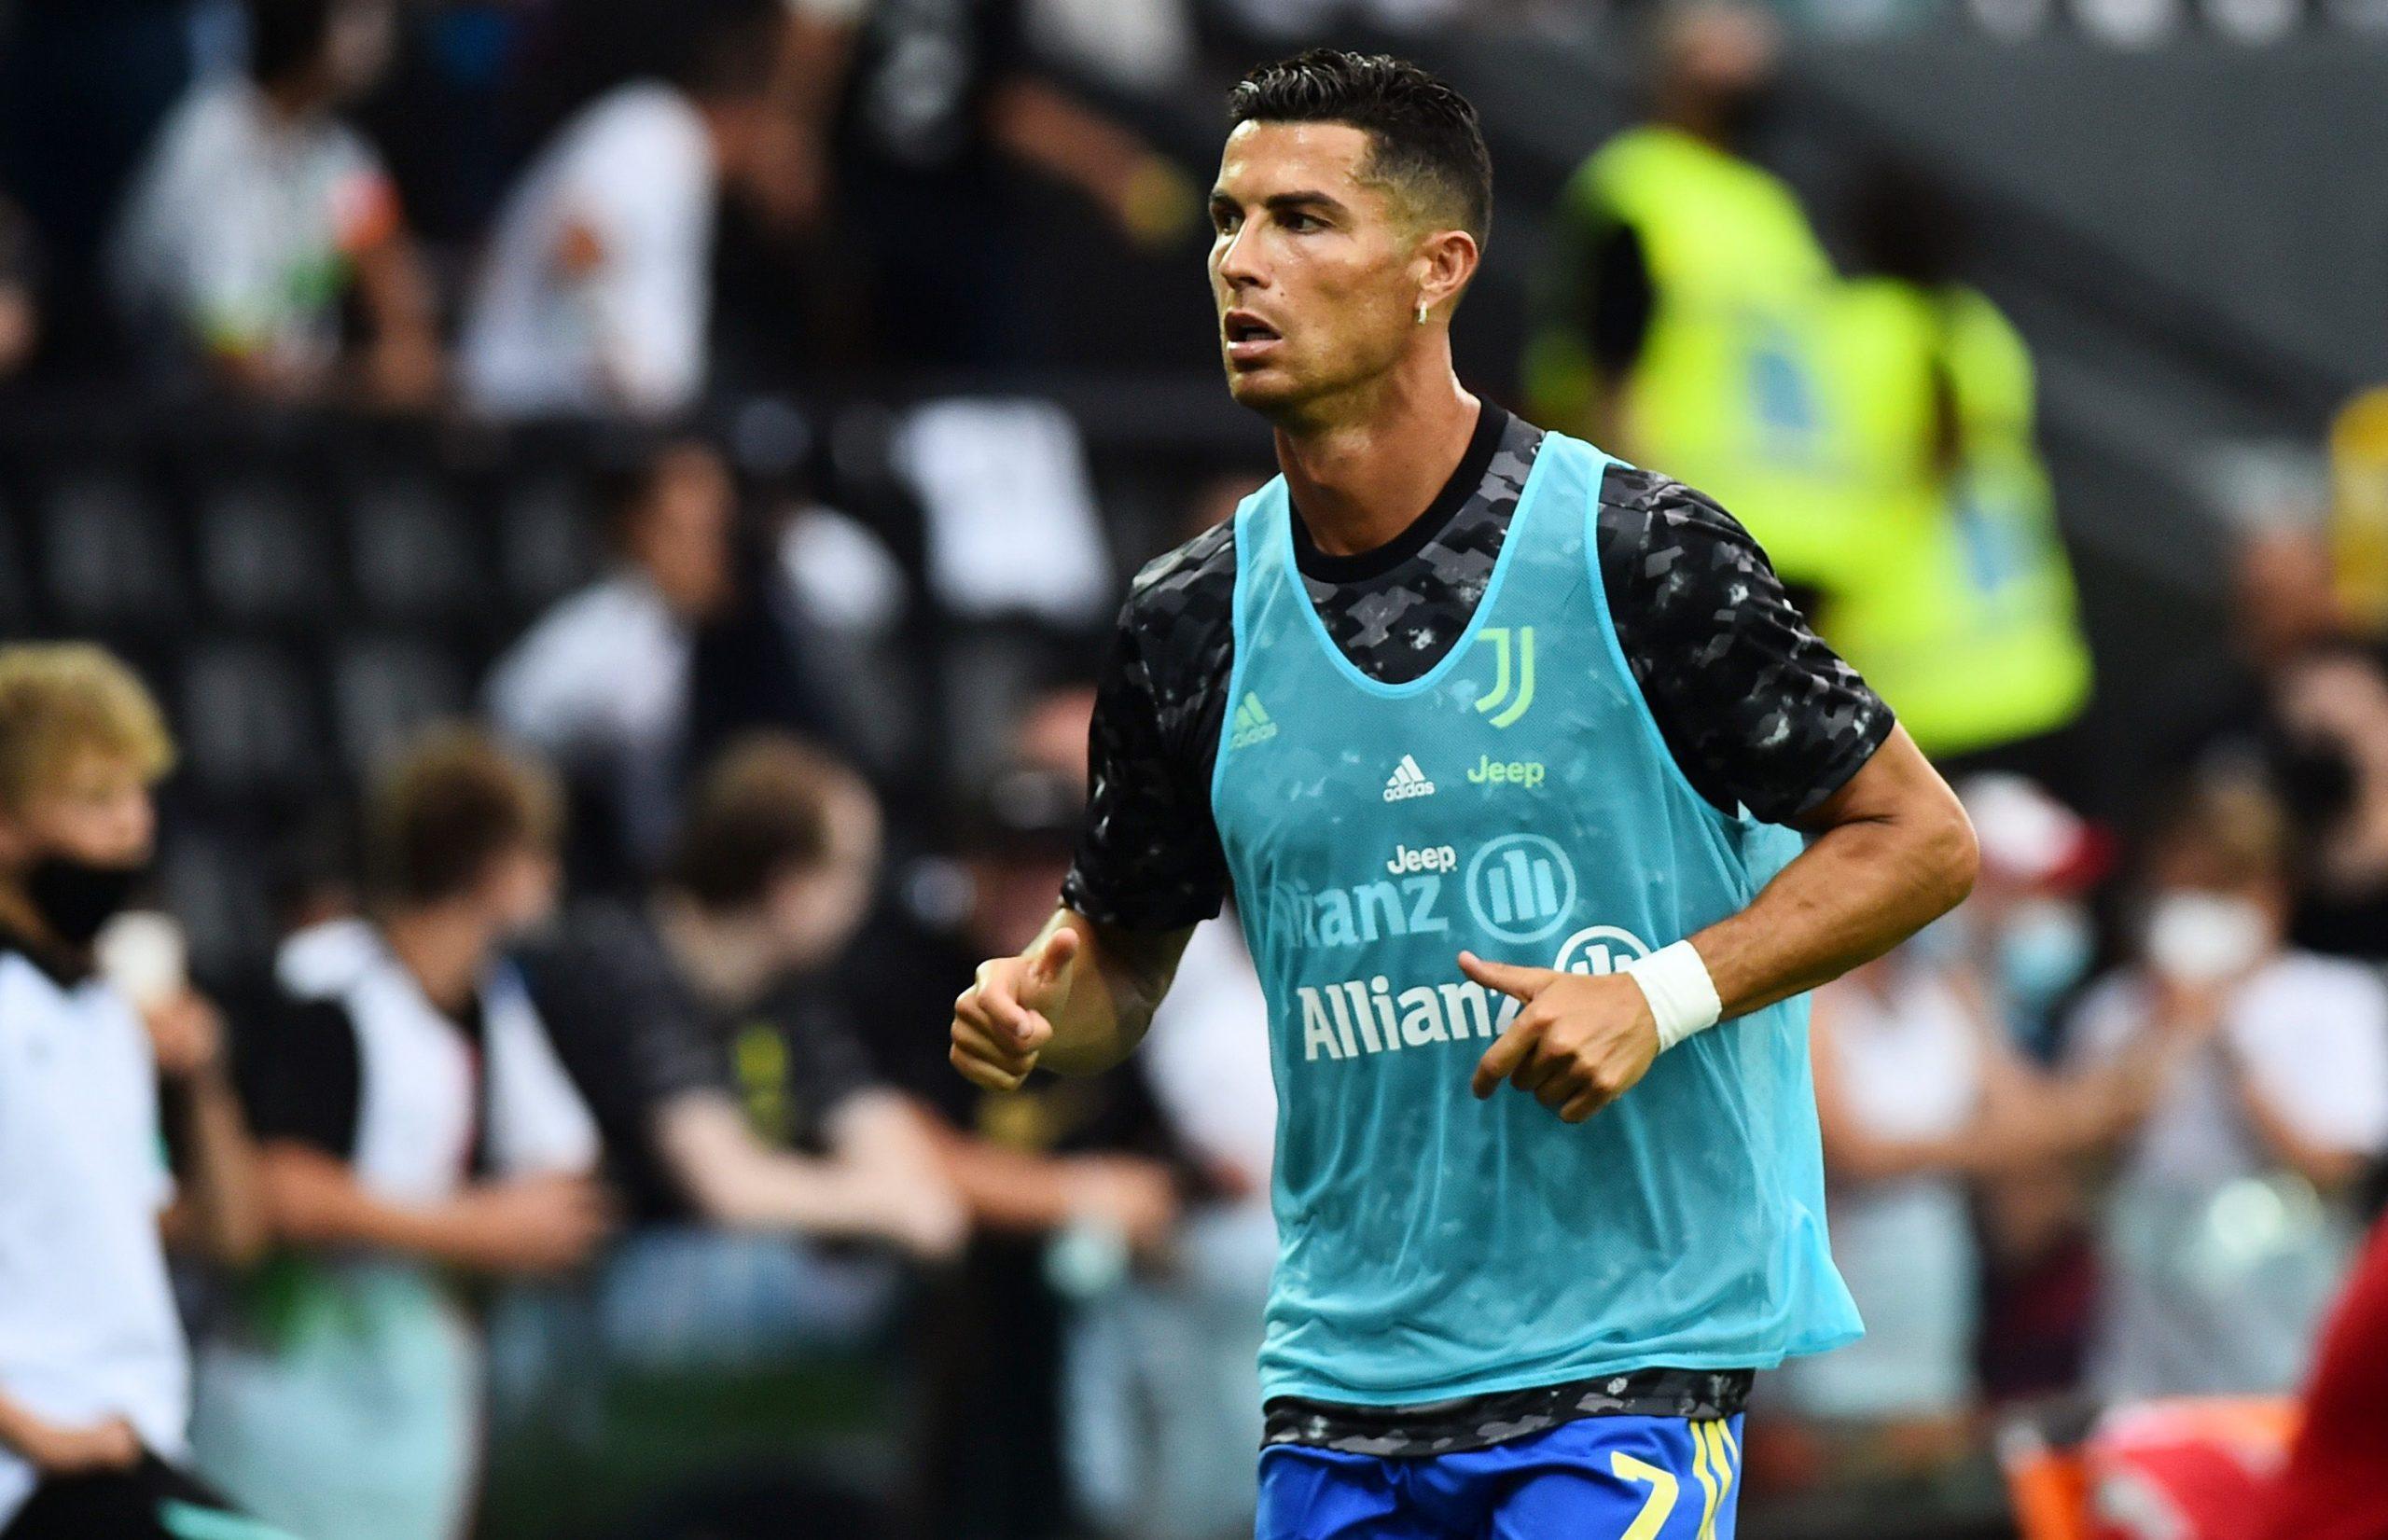 Ronaldo denied last-gasp winner by VAR as Juve held at Udinese